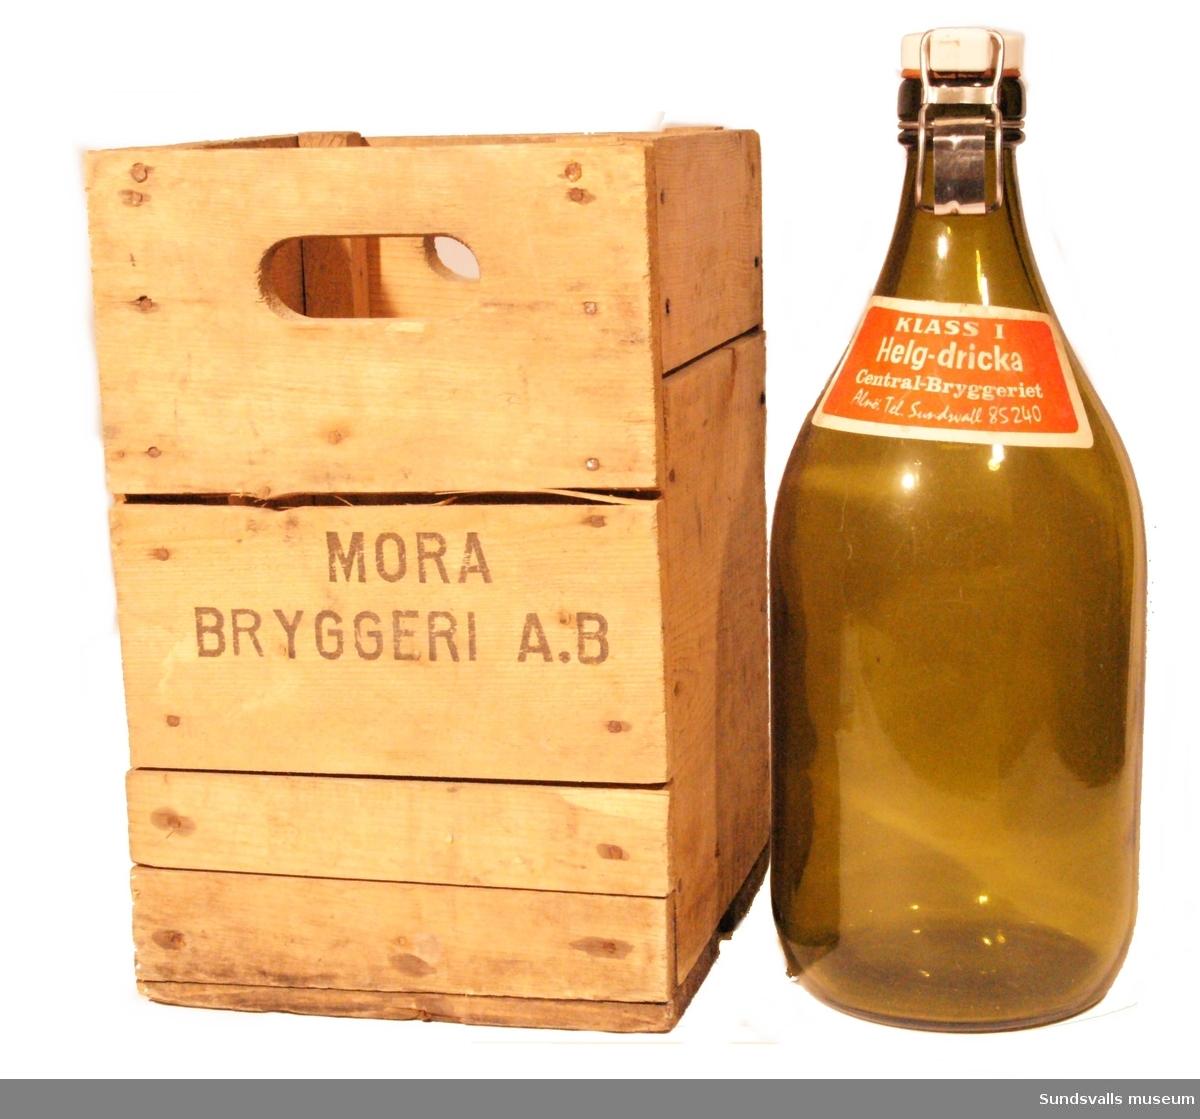 Flaska i gröntonat glas och patentkork från Central-Bryggeriet, Alnö. Etiketten i rött och vitt har texten 'KLASS 1, Helg-dricka, Central-Bryggeriet, Alnö. Tel. Sundsvall 85240'. I botten är flaskan märkt 'S 64' i relief och på korken kan man läsa 'KLASS 1'.